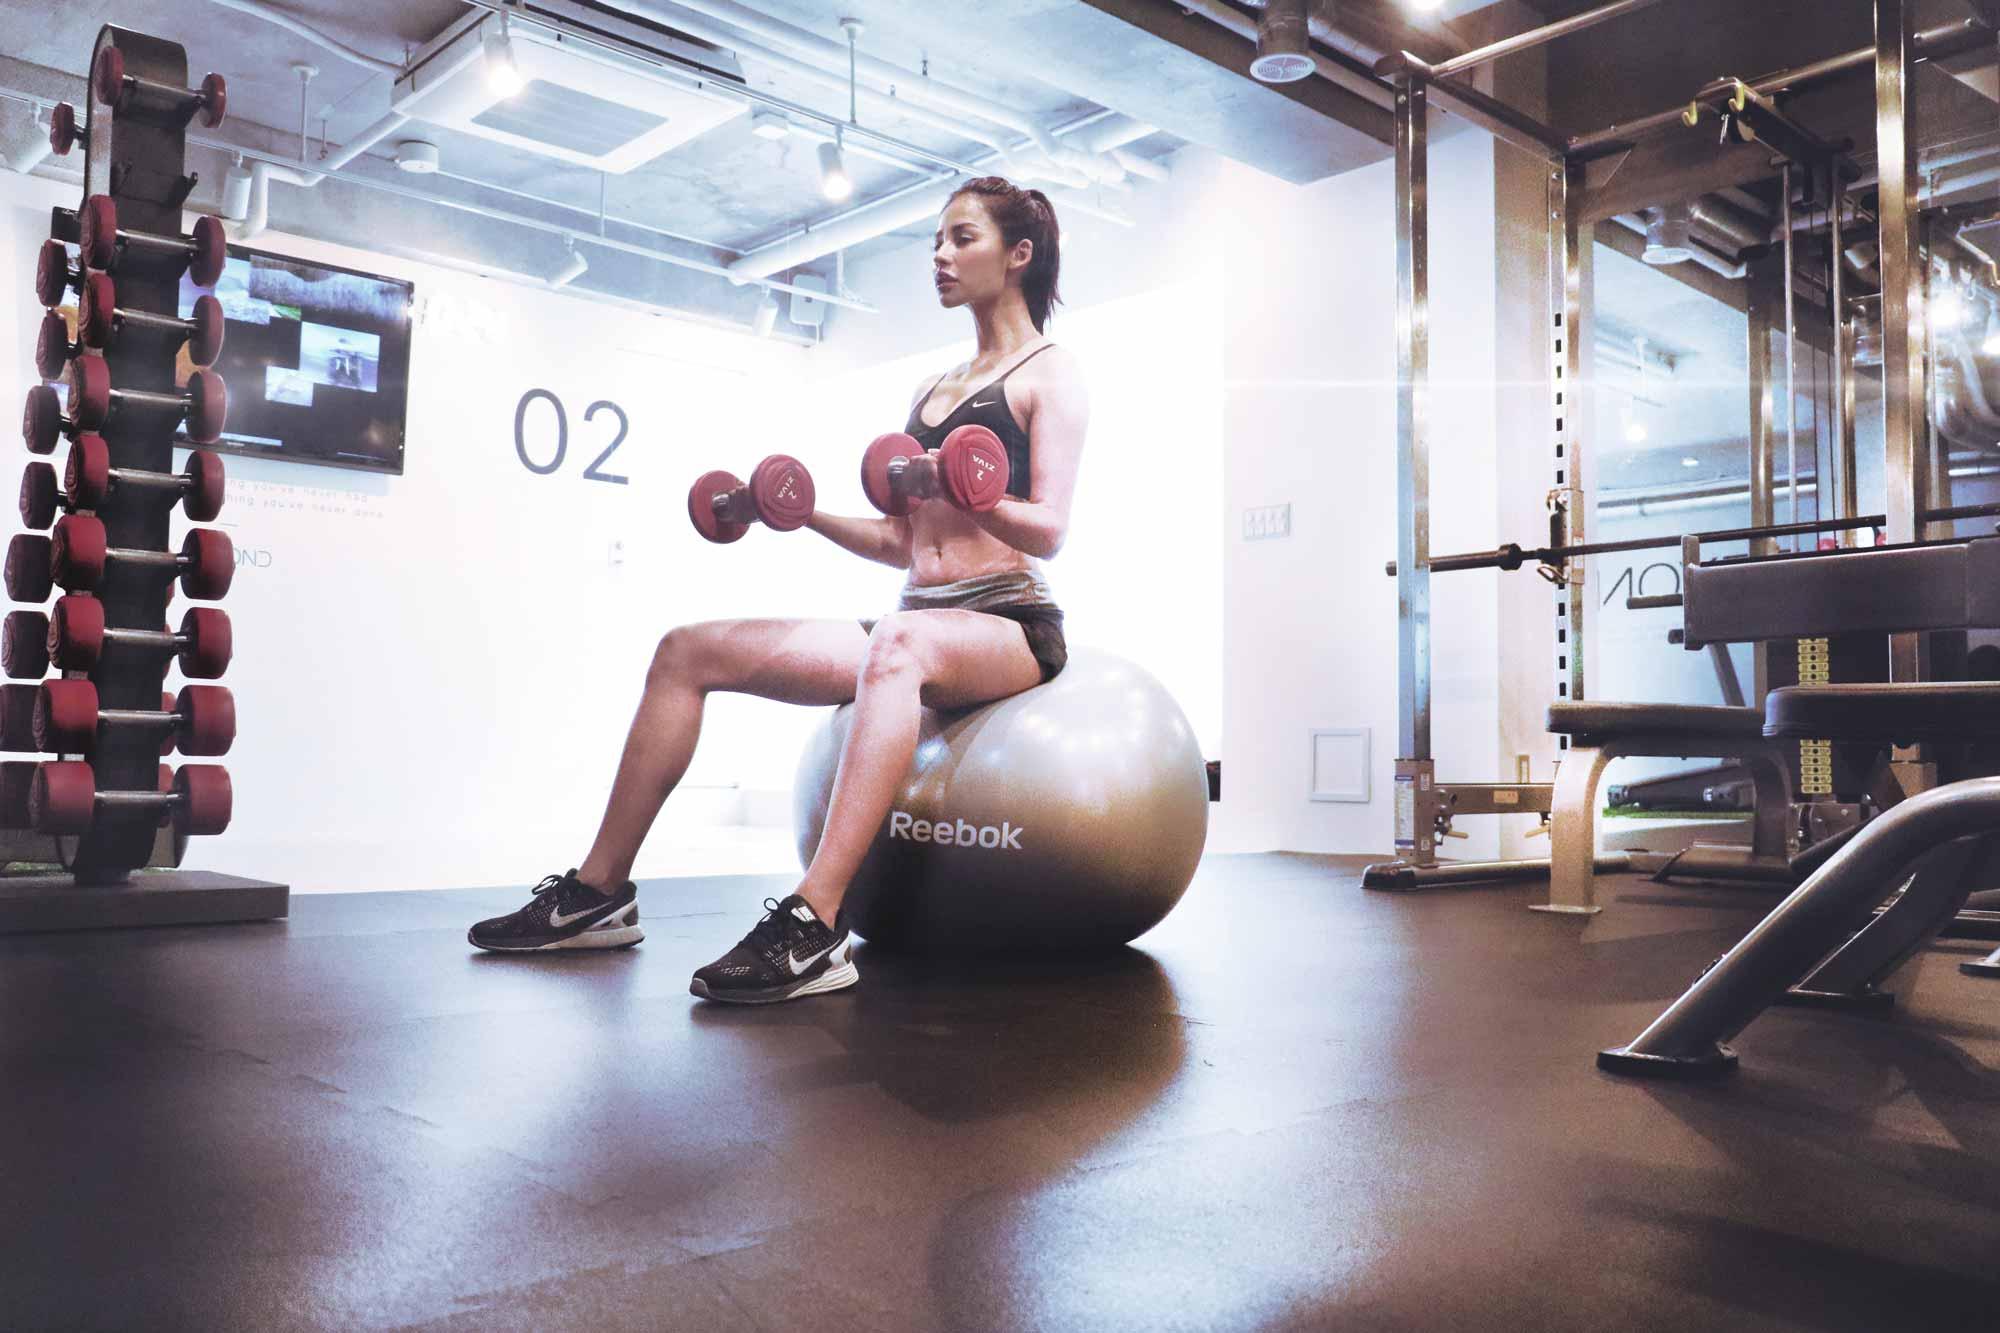 継続できる快適なトレーニング環境